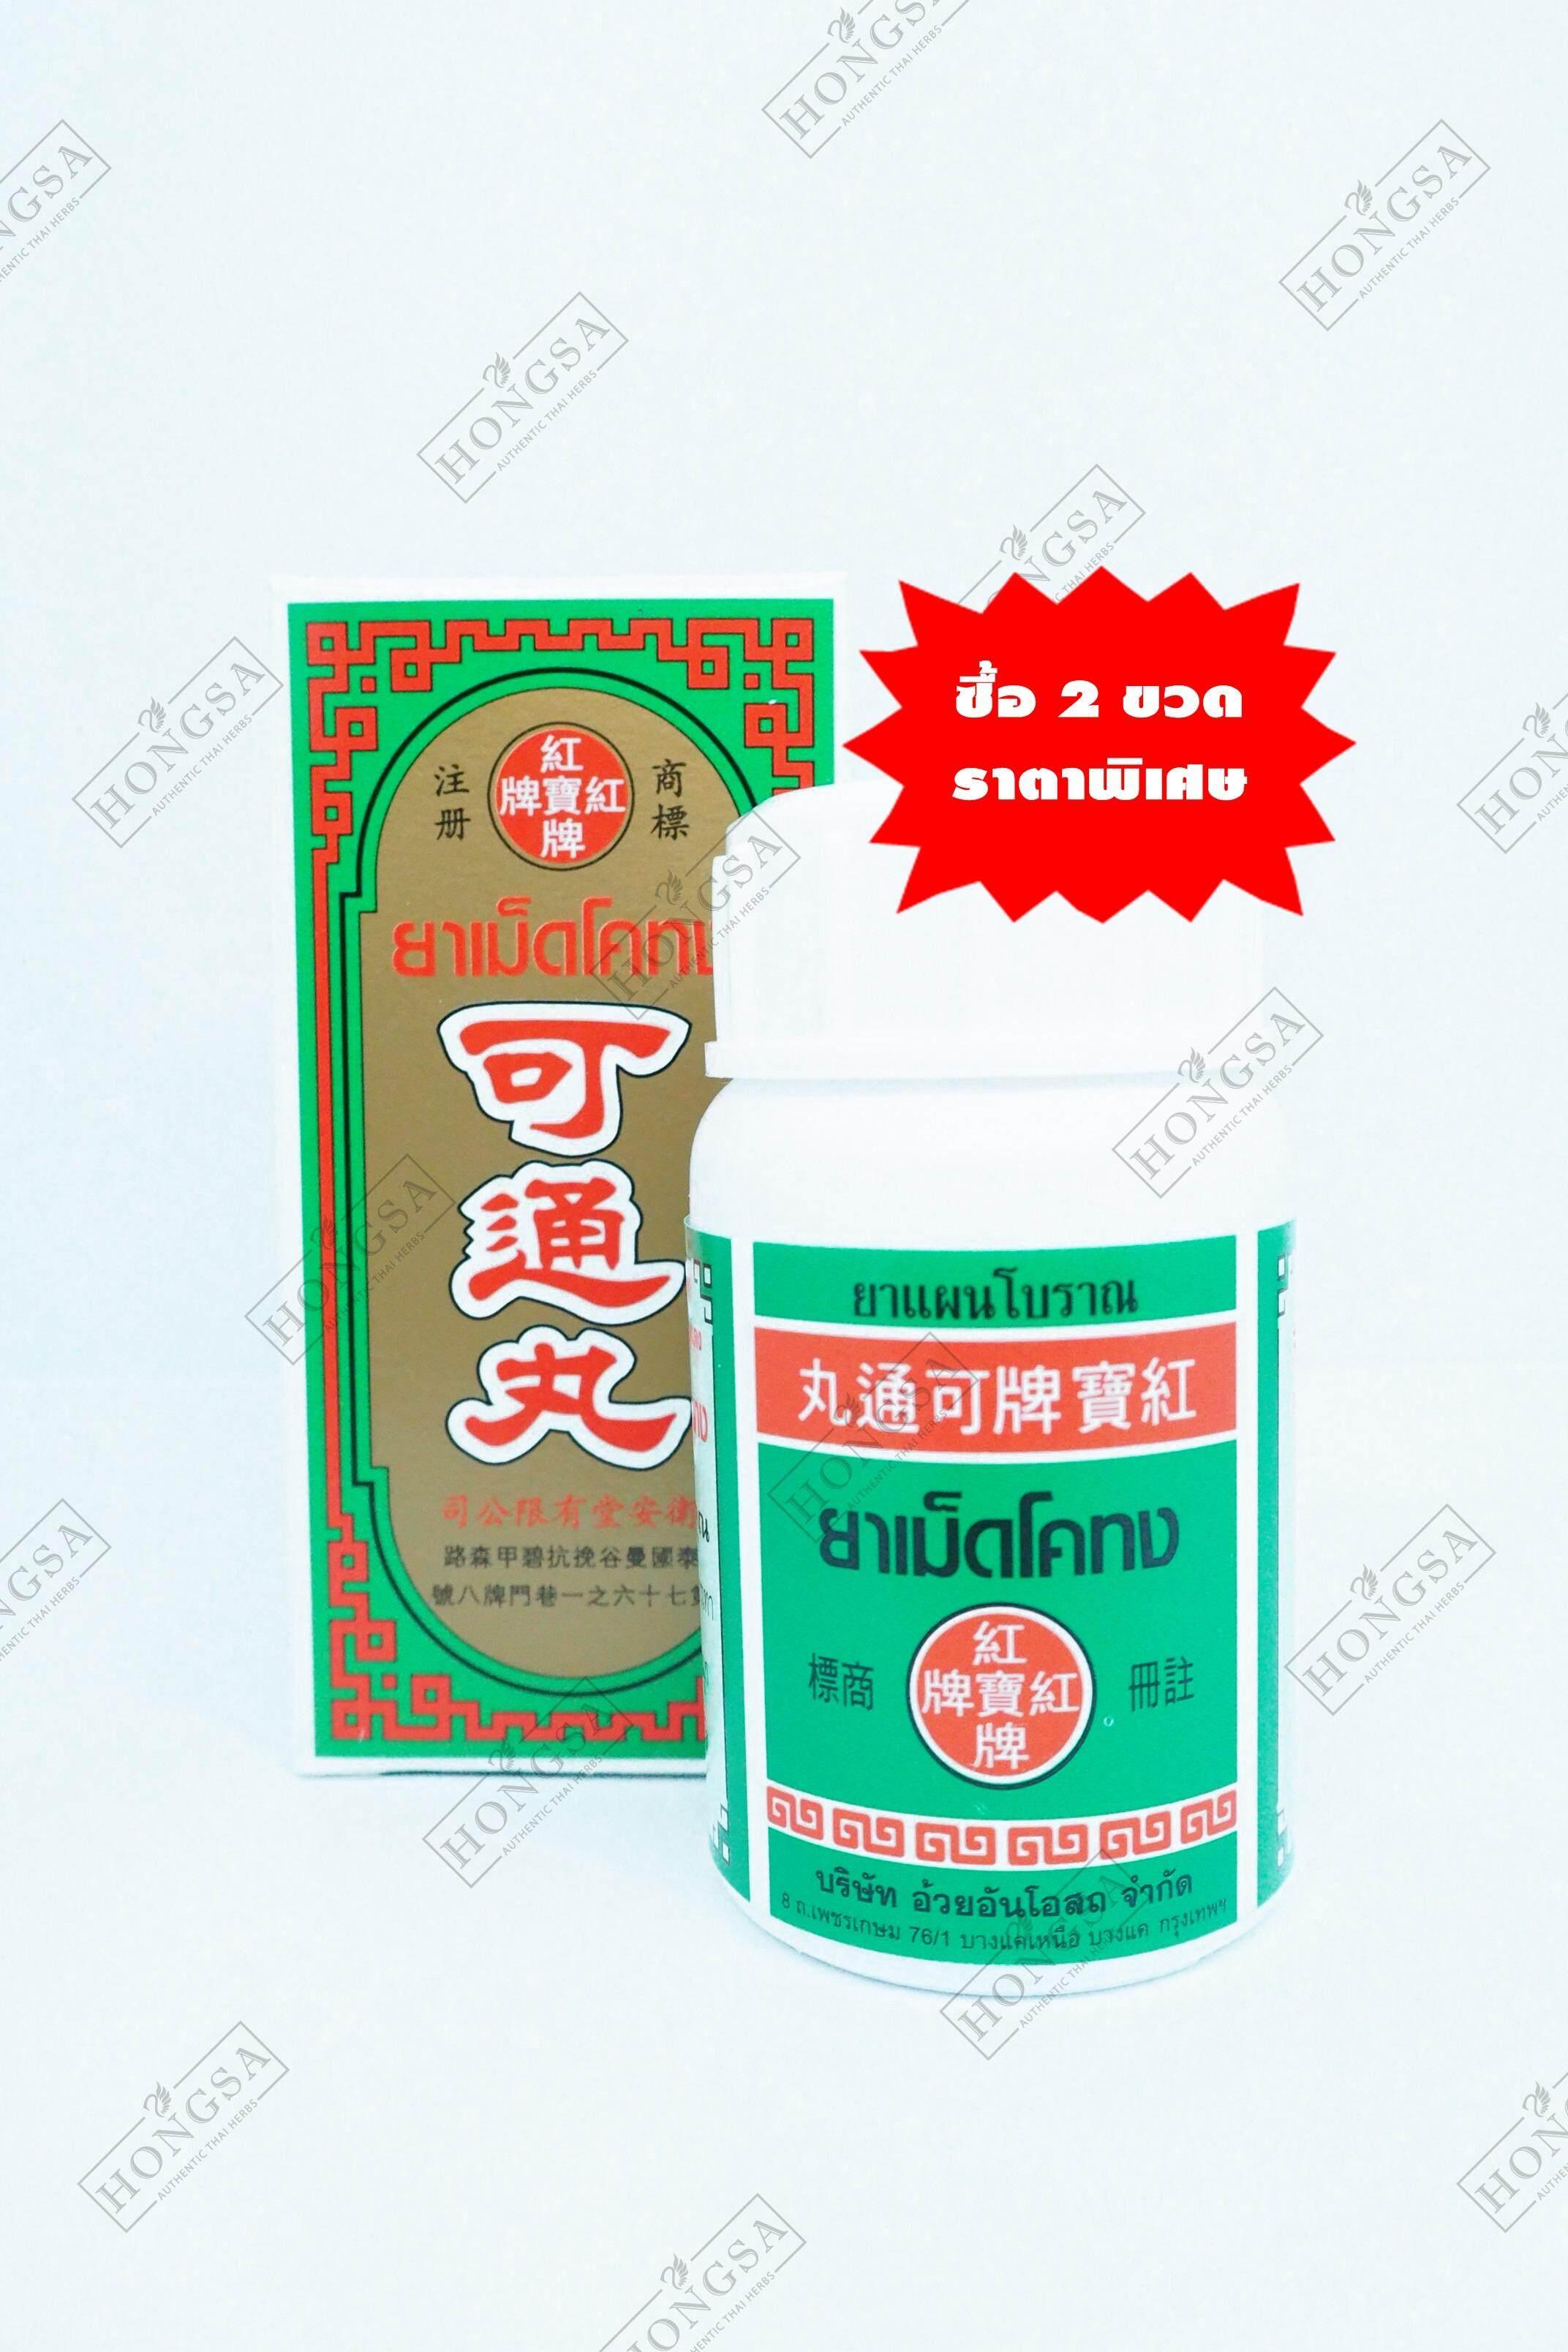 (ซื้อ 6 ขวด ราคาพิเศษ) สมุนไพรจีนเม็ดโคทง อ้วยอันโอสถ 200 เม็ด/ขวด By Greentech Biolab.